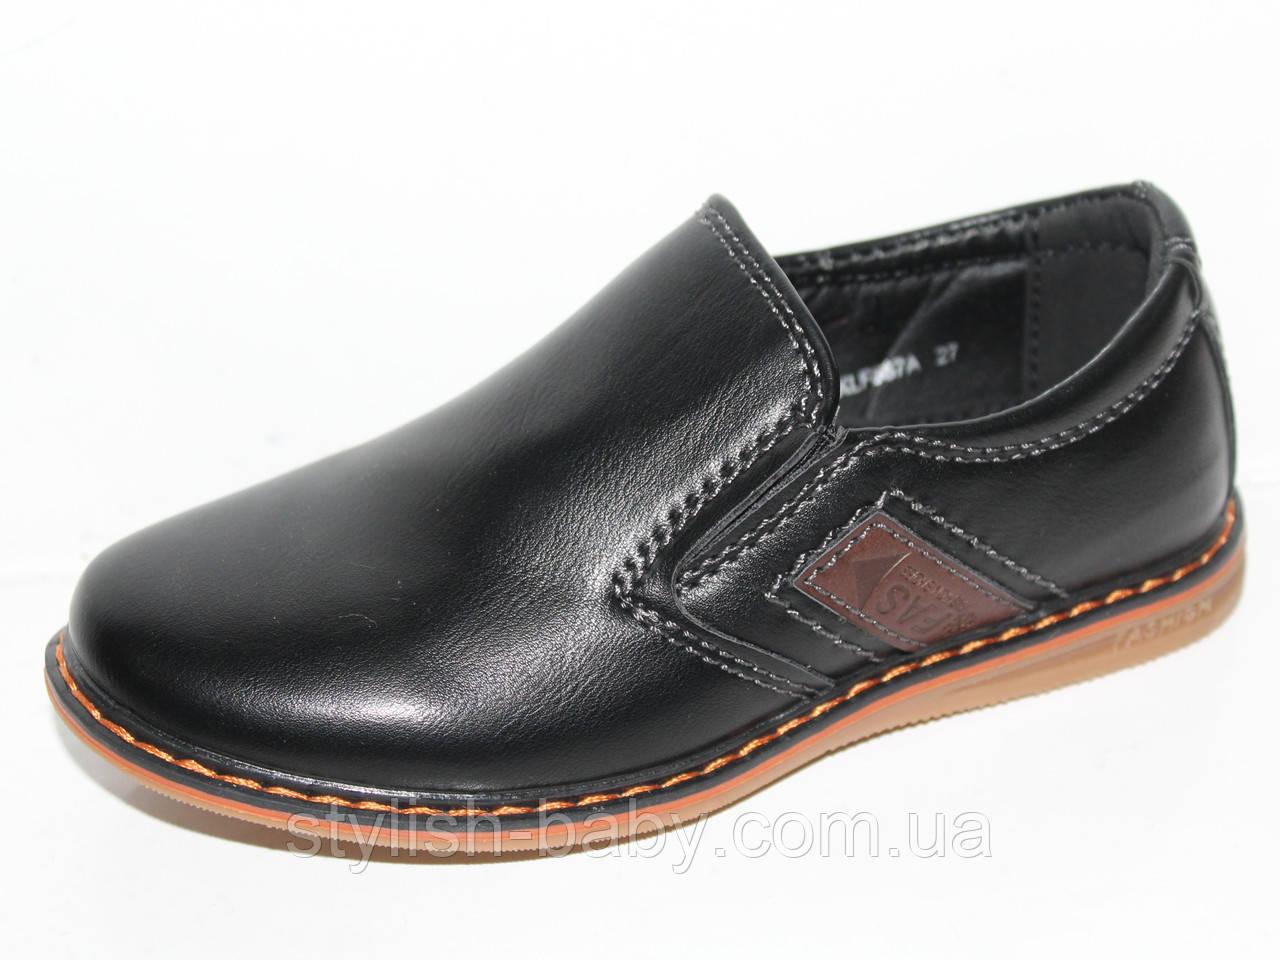 Детская обувь оптом. Детские туфли бренда Kellaifeng для мальчиков (рр. с 27 по 32)